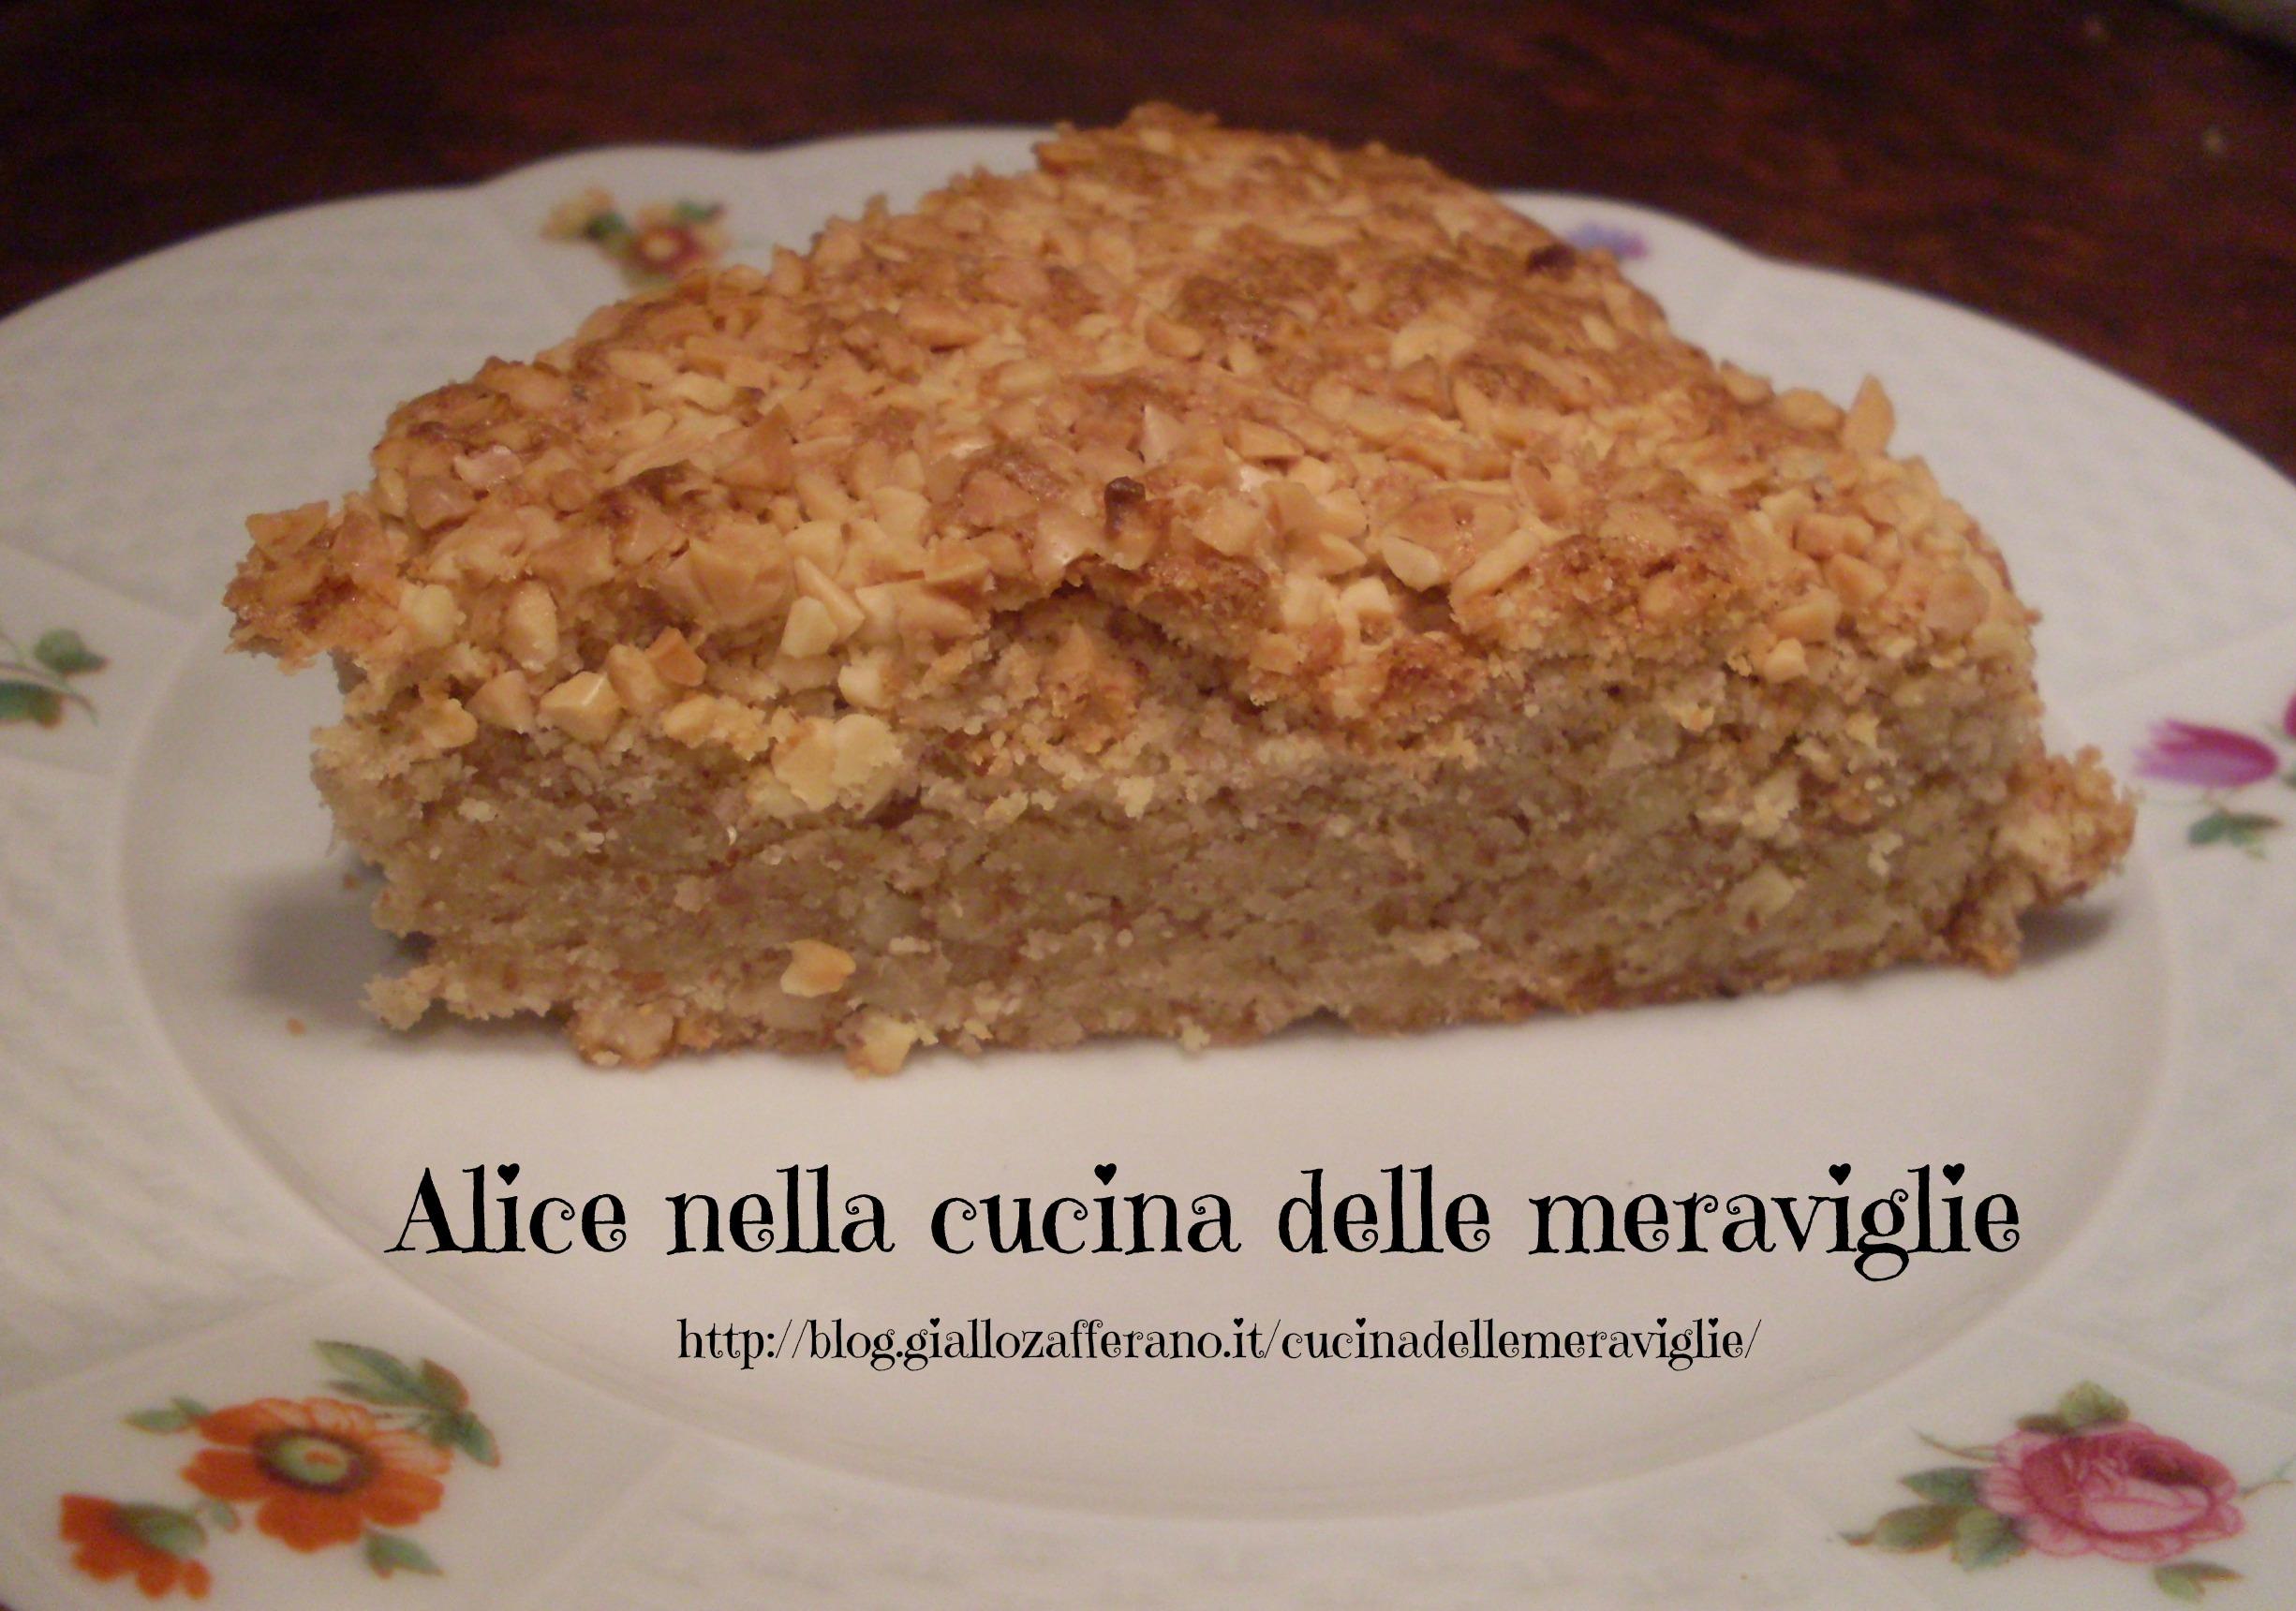 Torta alle mandorle Ricetta dolce Alice nella cucina delle meraviglie